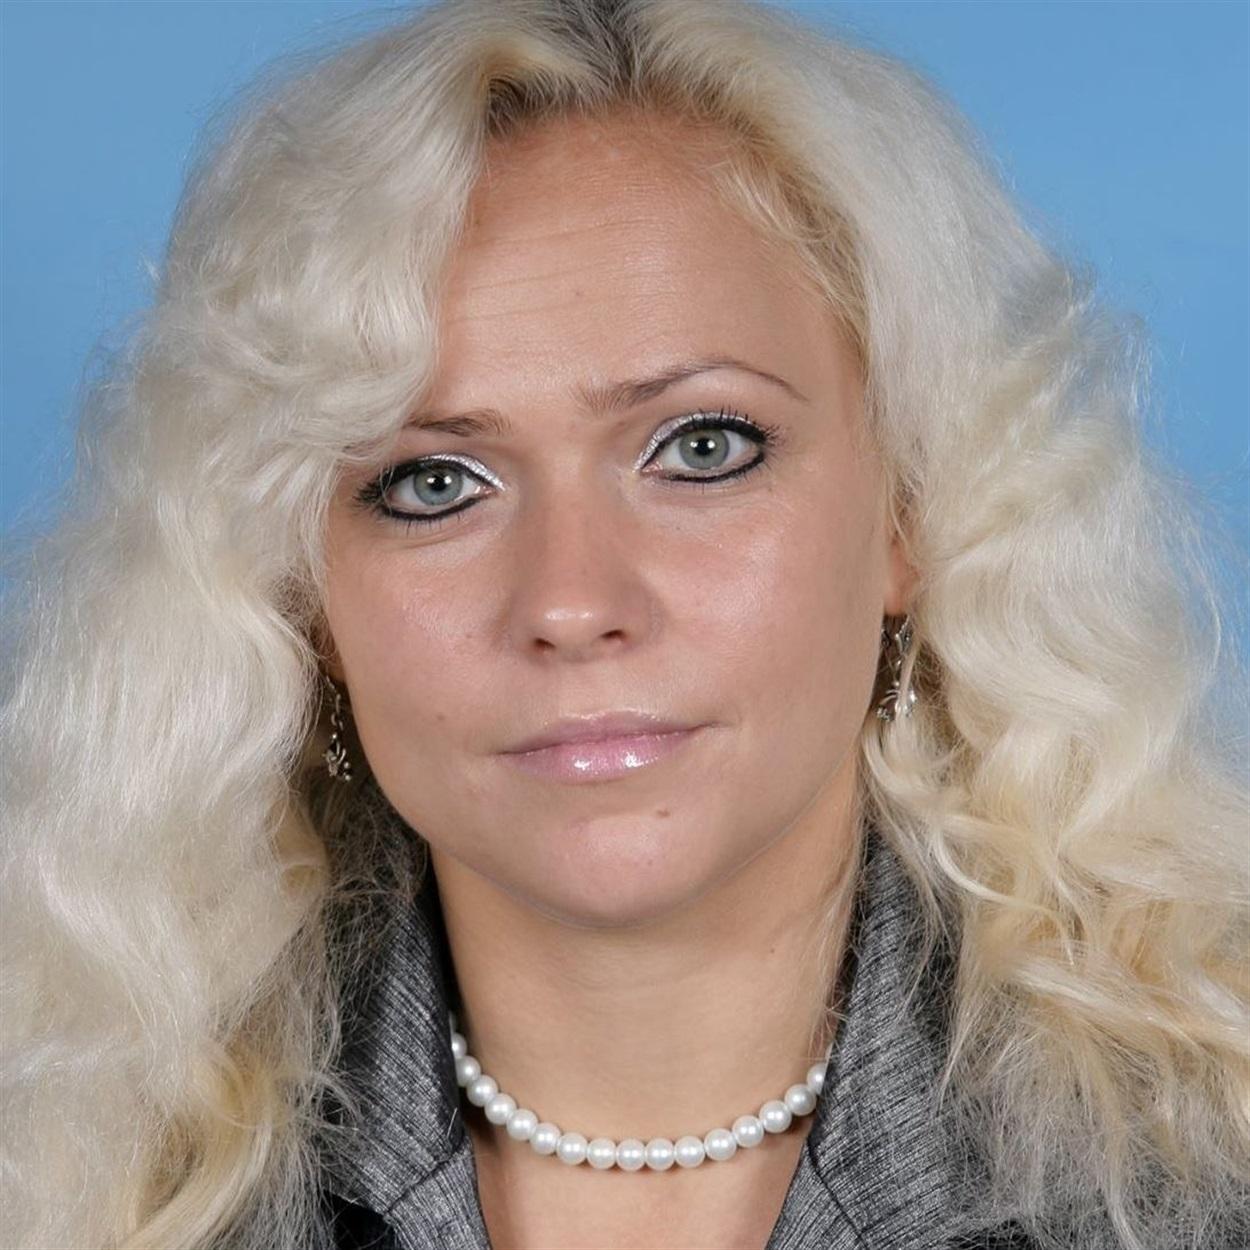 Викладачка переяславського університету покінчила життя самогубством - самогубство, Переяслав - o 1esut8i3l10gm18d916ns15ljpvf1r